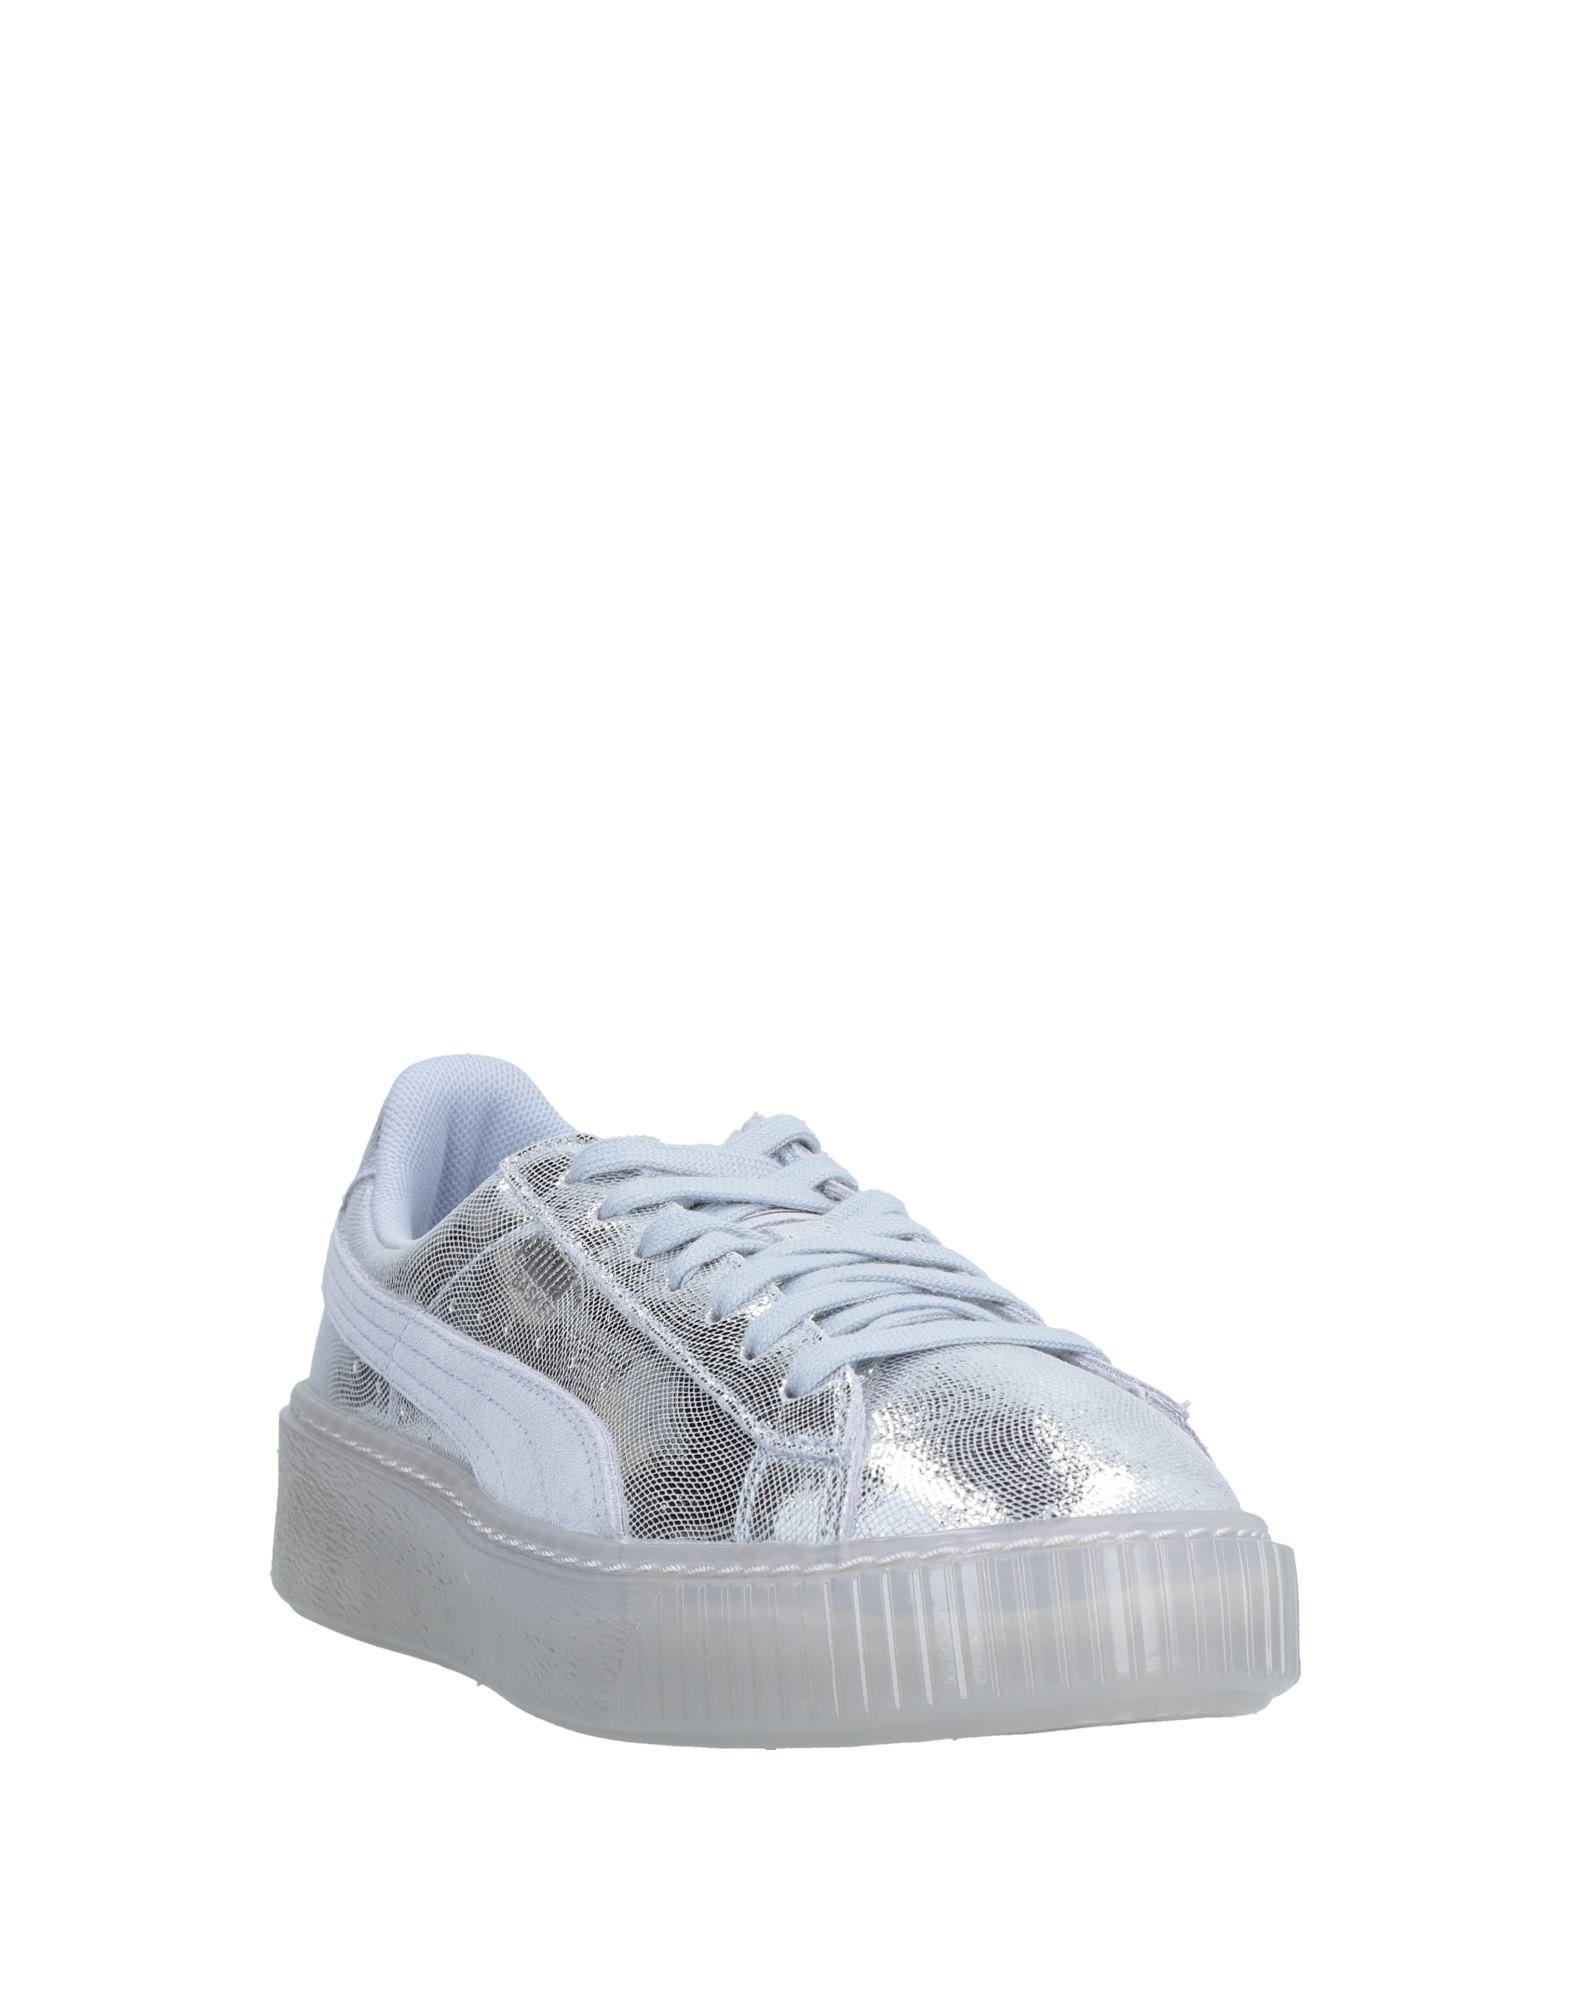 Puma Sneakers Damen  Schuhe 11497453OS Heiße Schuhe  a241a8